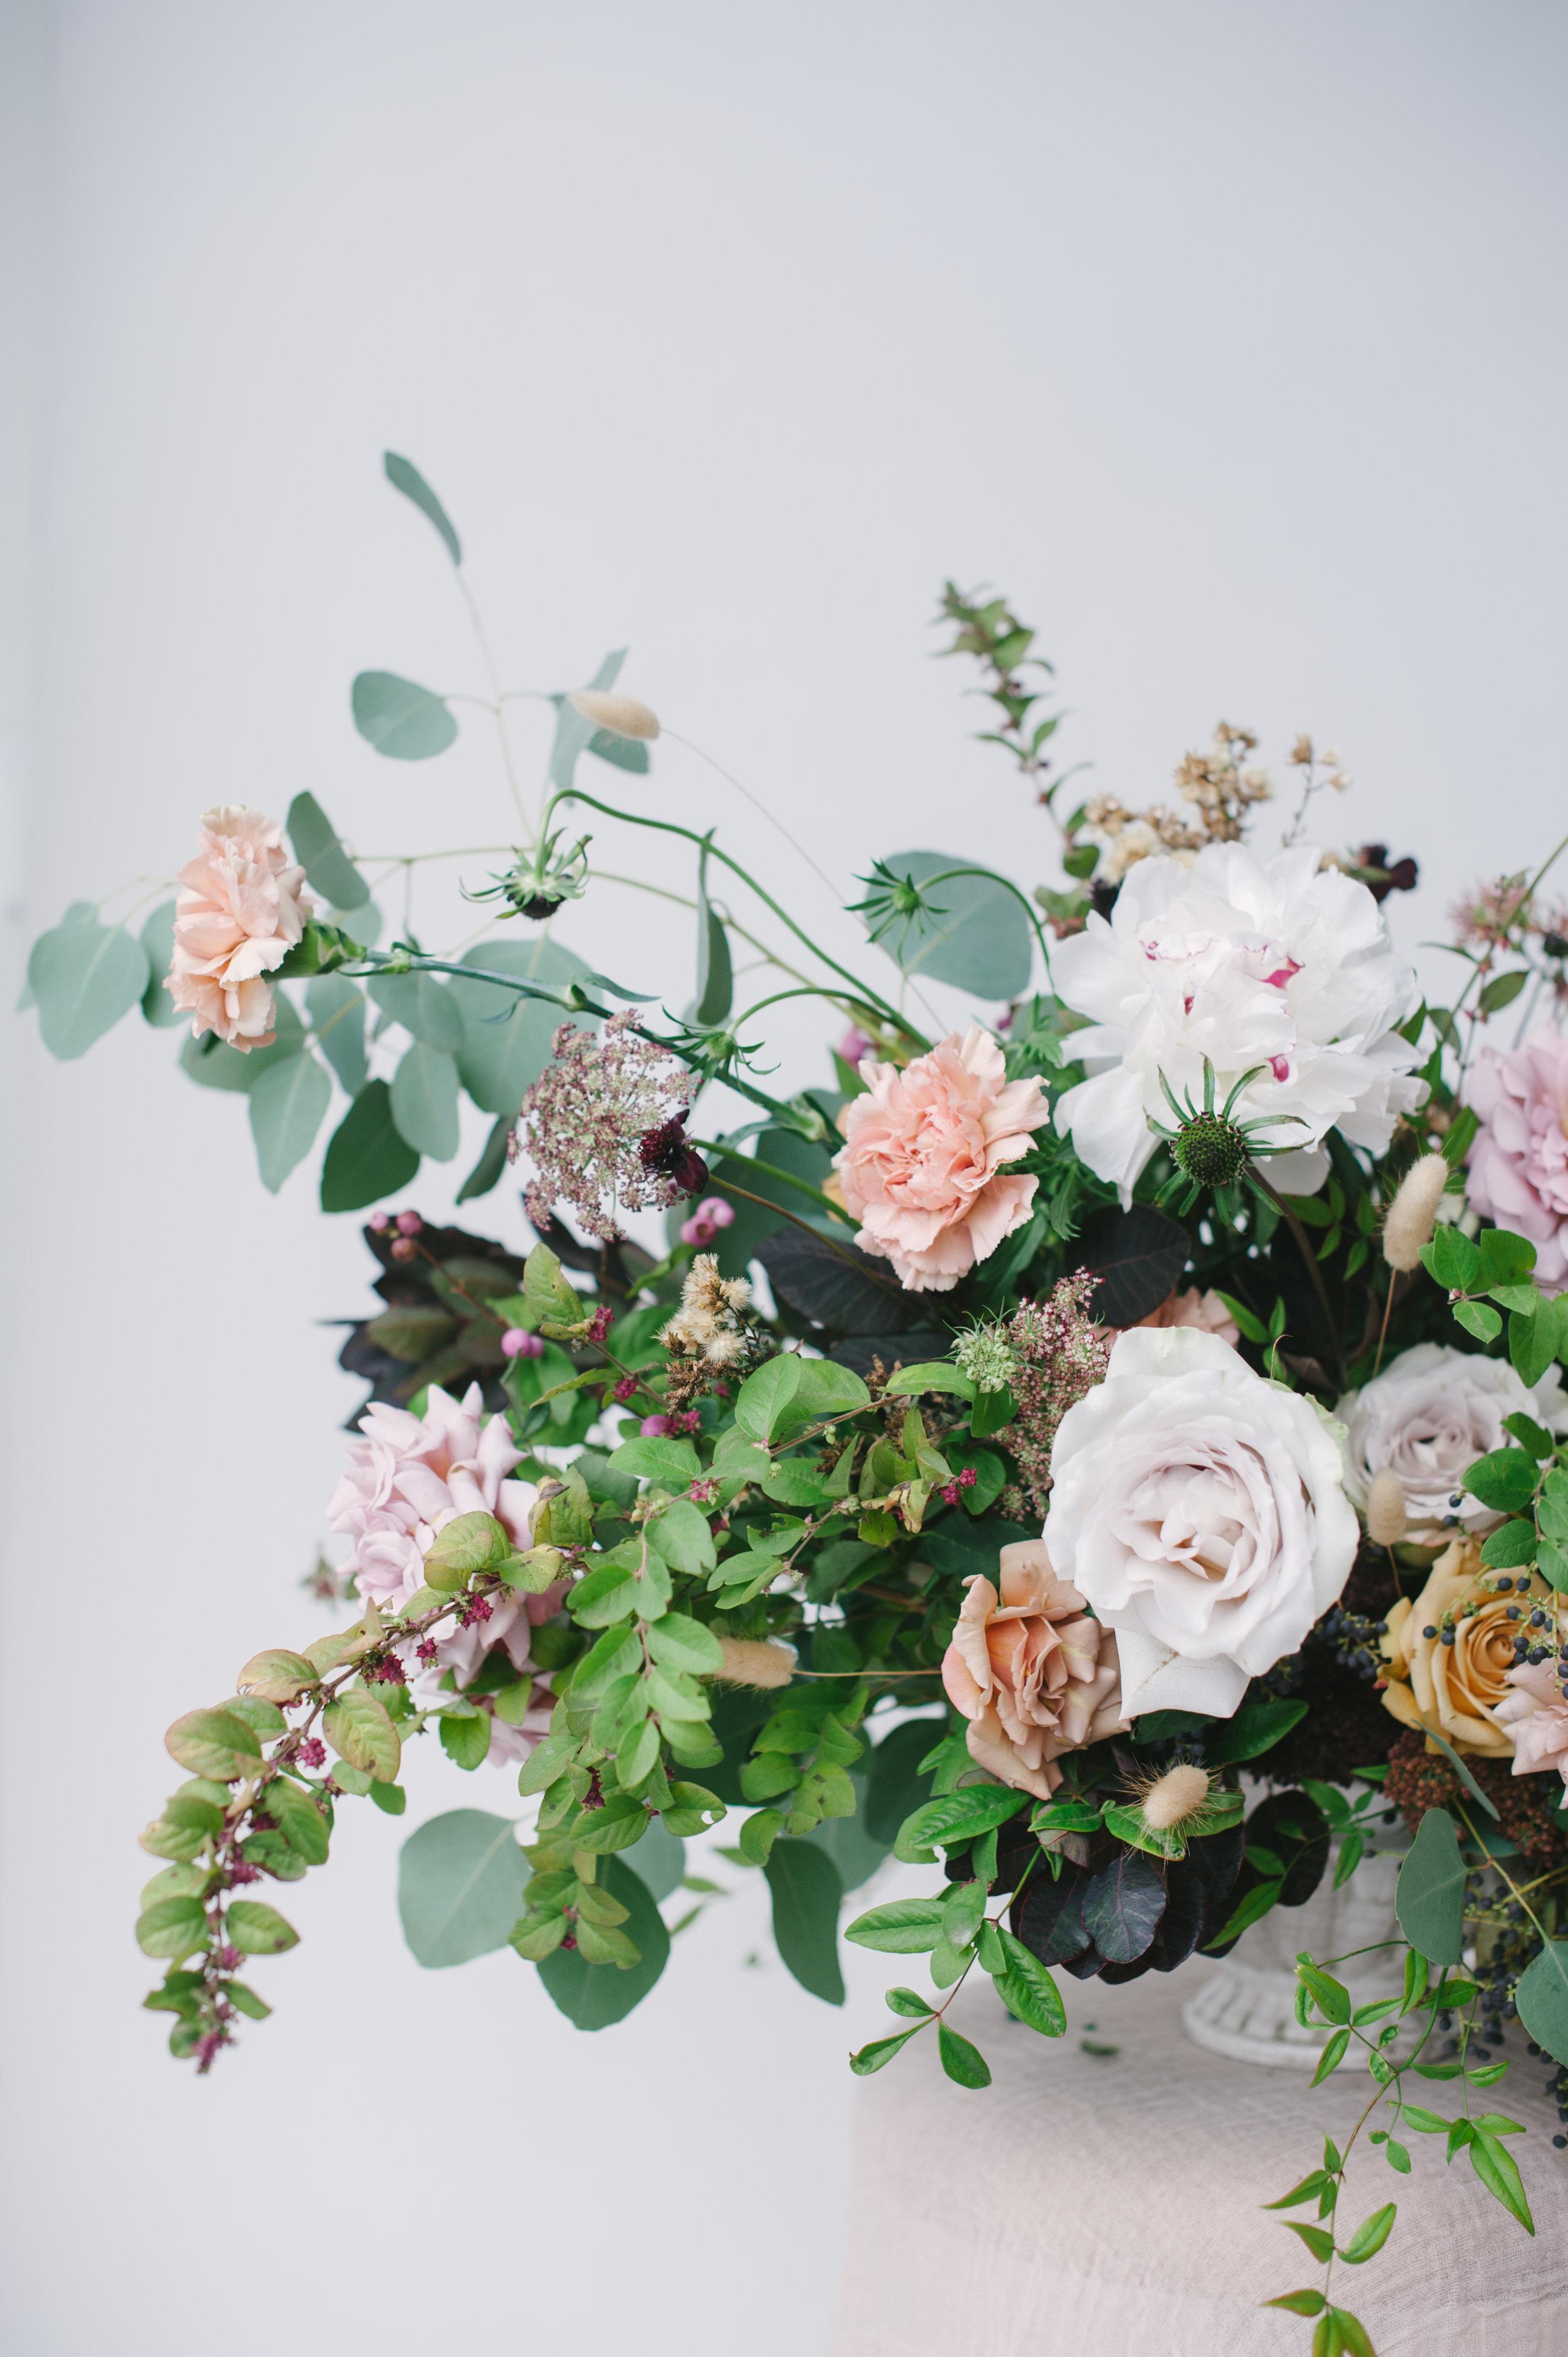 siren-floral-co-plenty-of-petals-romantik-floral-centerpiece-workshop-5.jpg